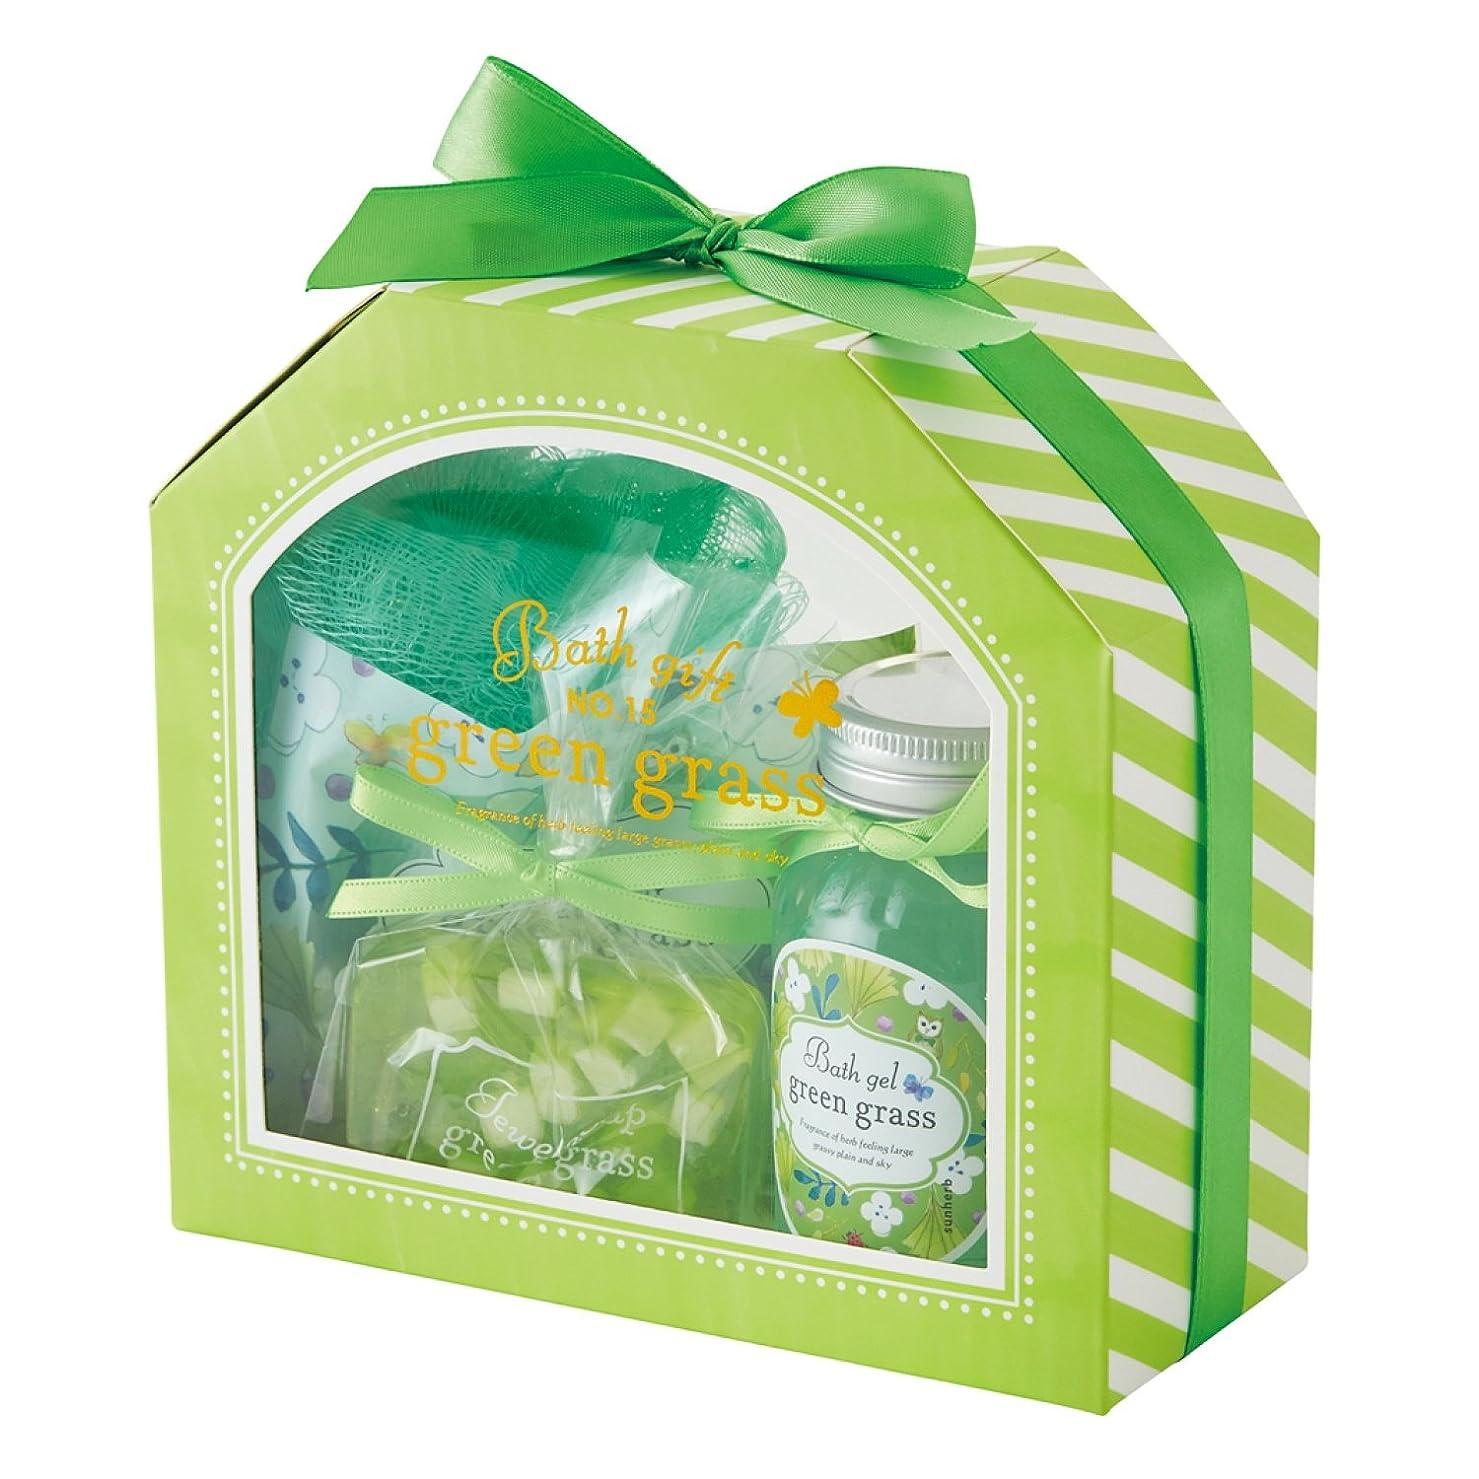 サンハーブ バスギフトNo.15 グリーングラス (さわやかな大人の香り バスグッズ プレゼント)